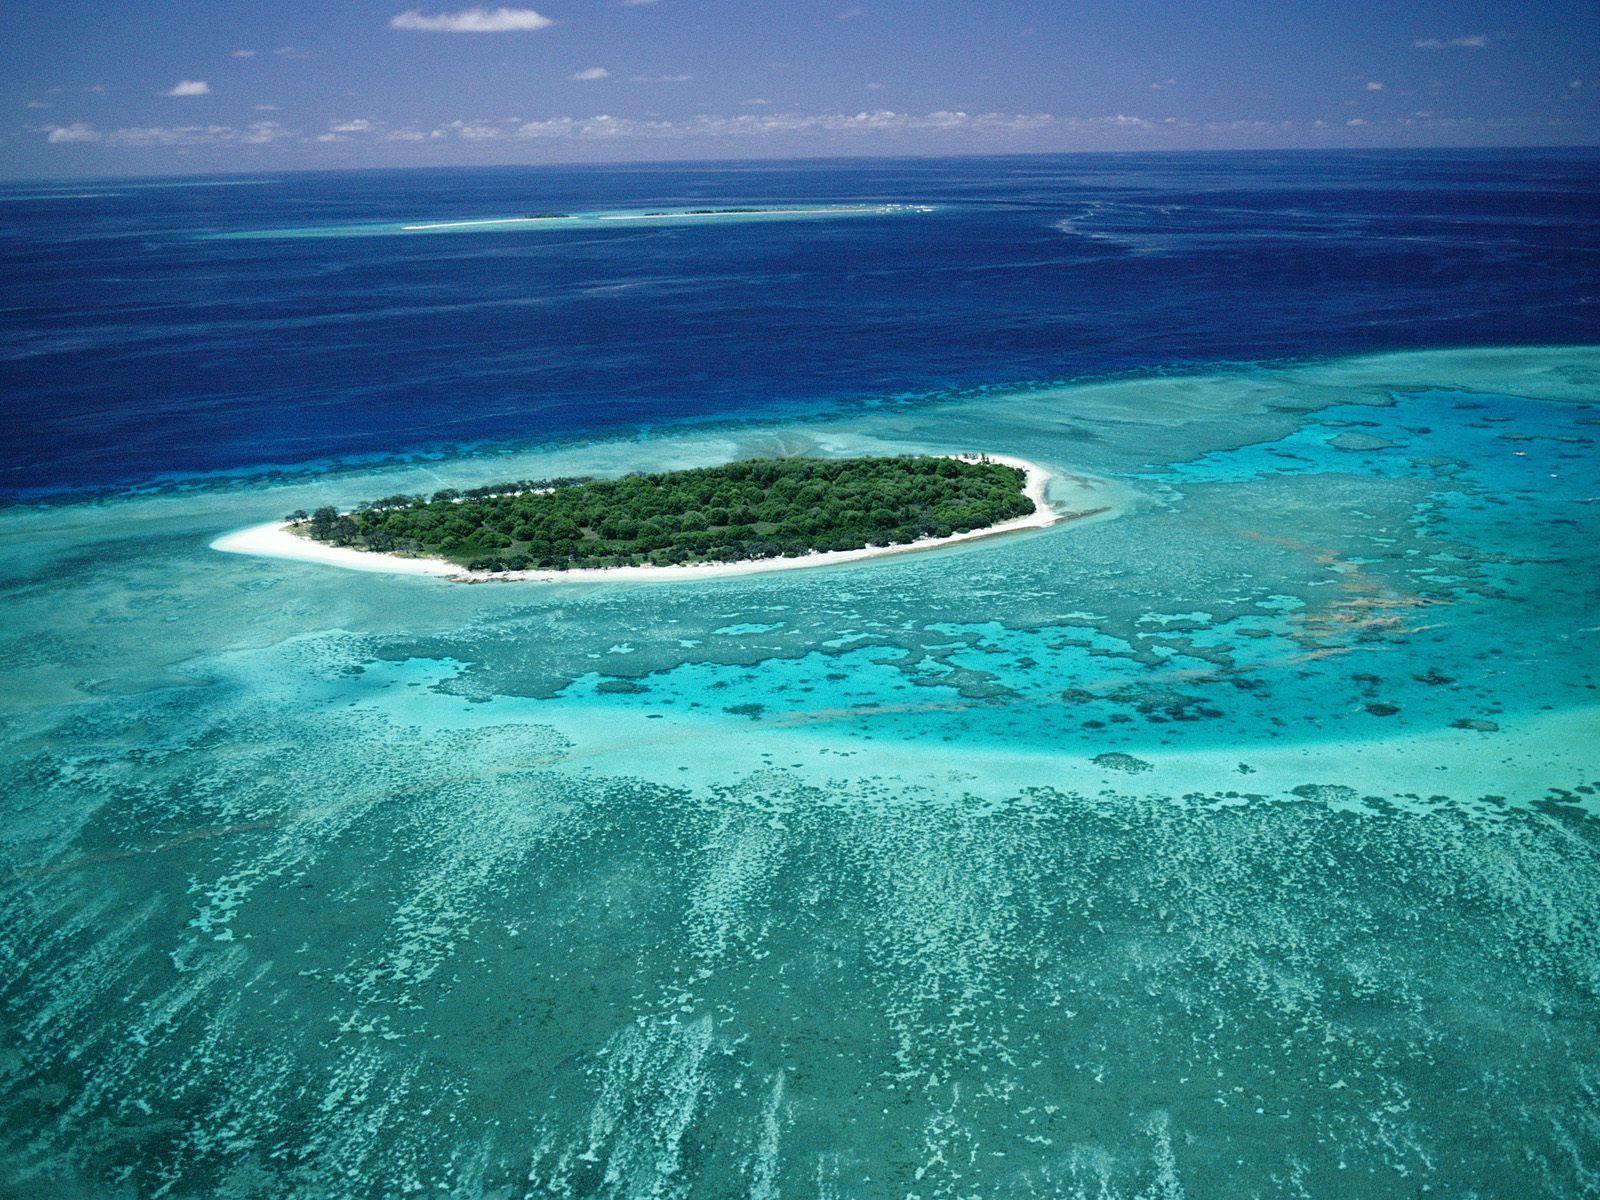 """Résultat de recherche d'images pour """"the great barrier reef australia"""""""